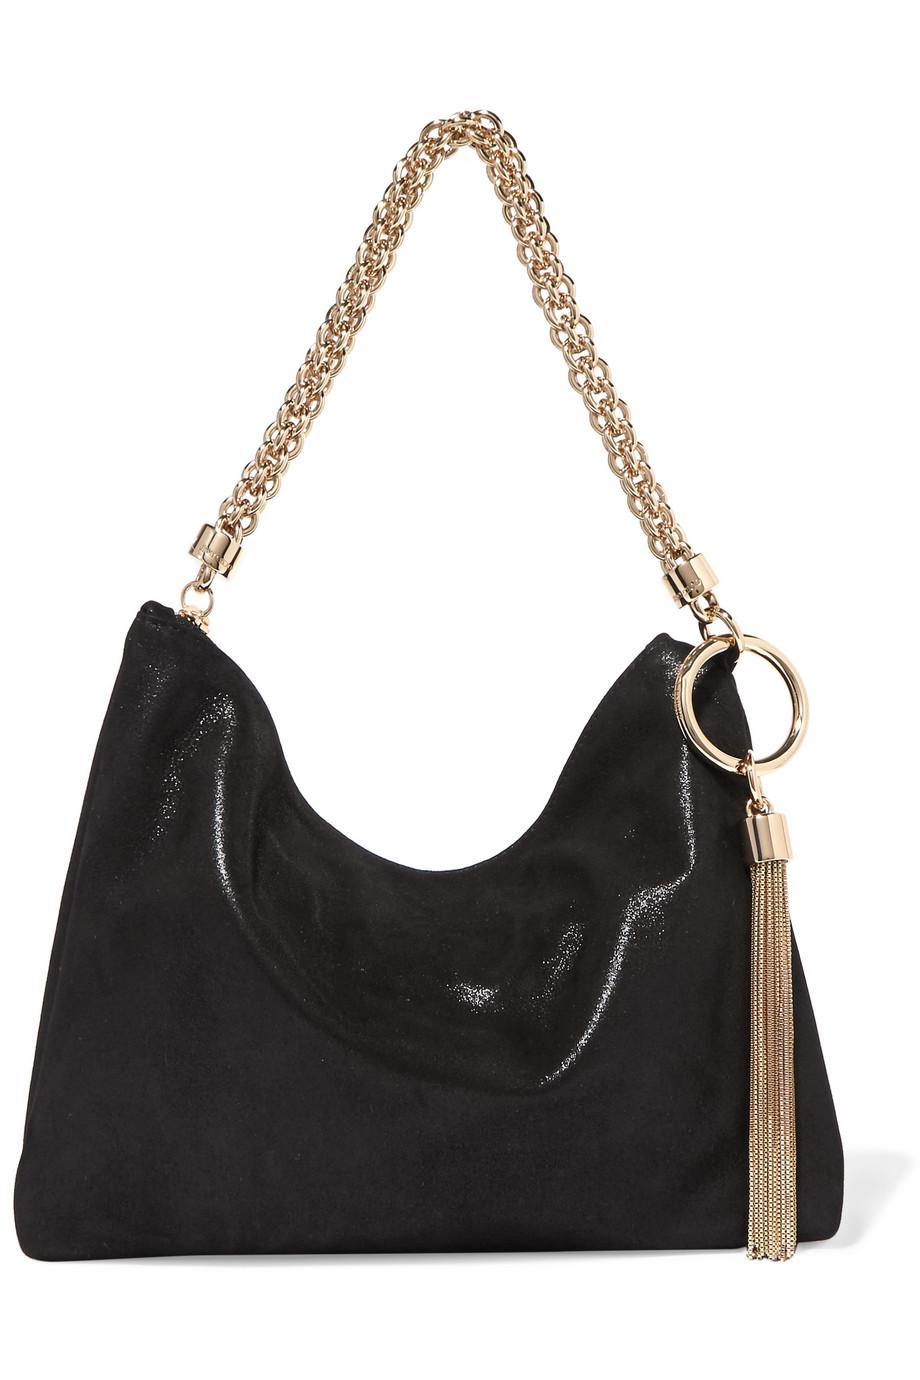 7ea1809077cd Lyst - Jimmy Choo Callie Metallic Suede Shoulder Bag in Black